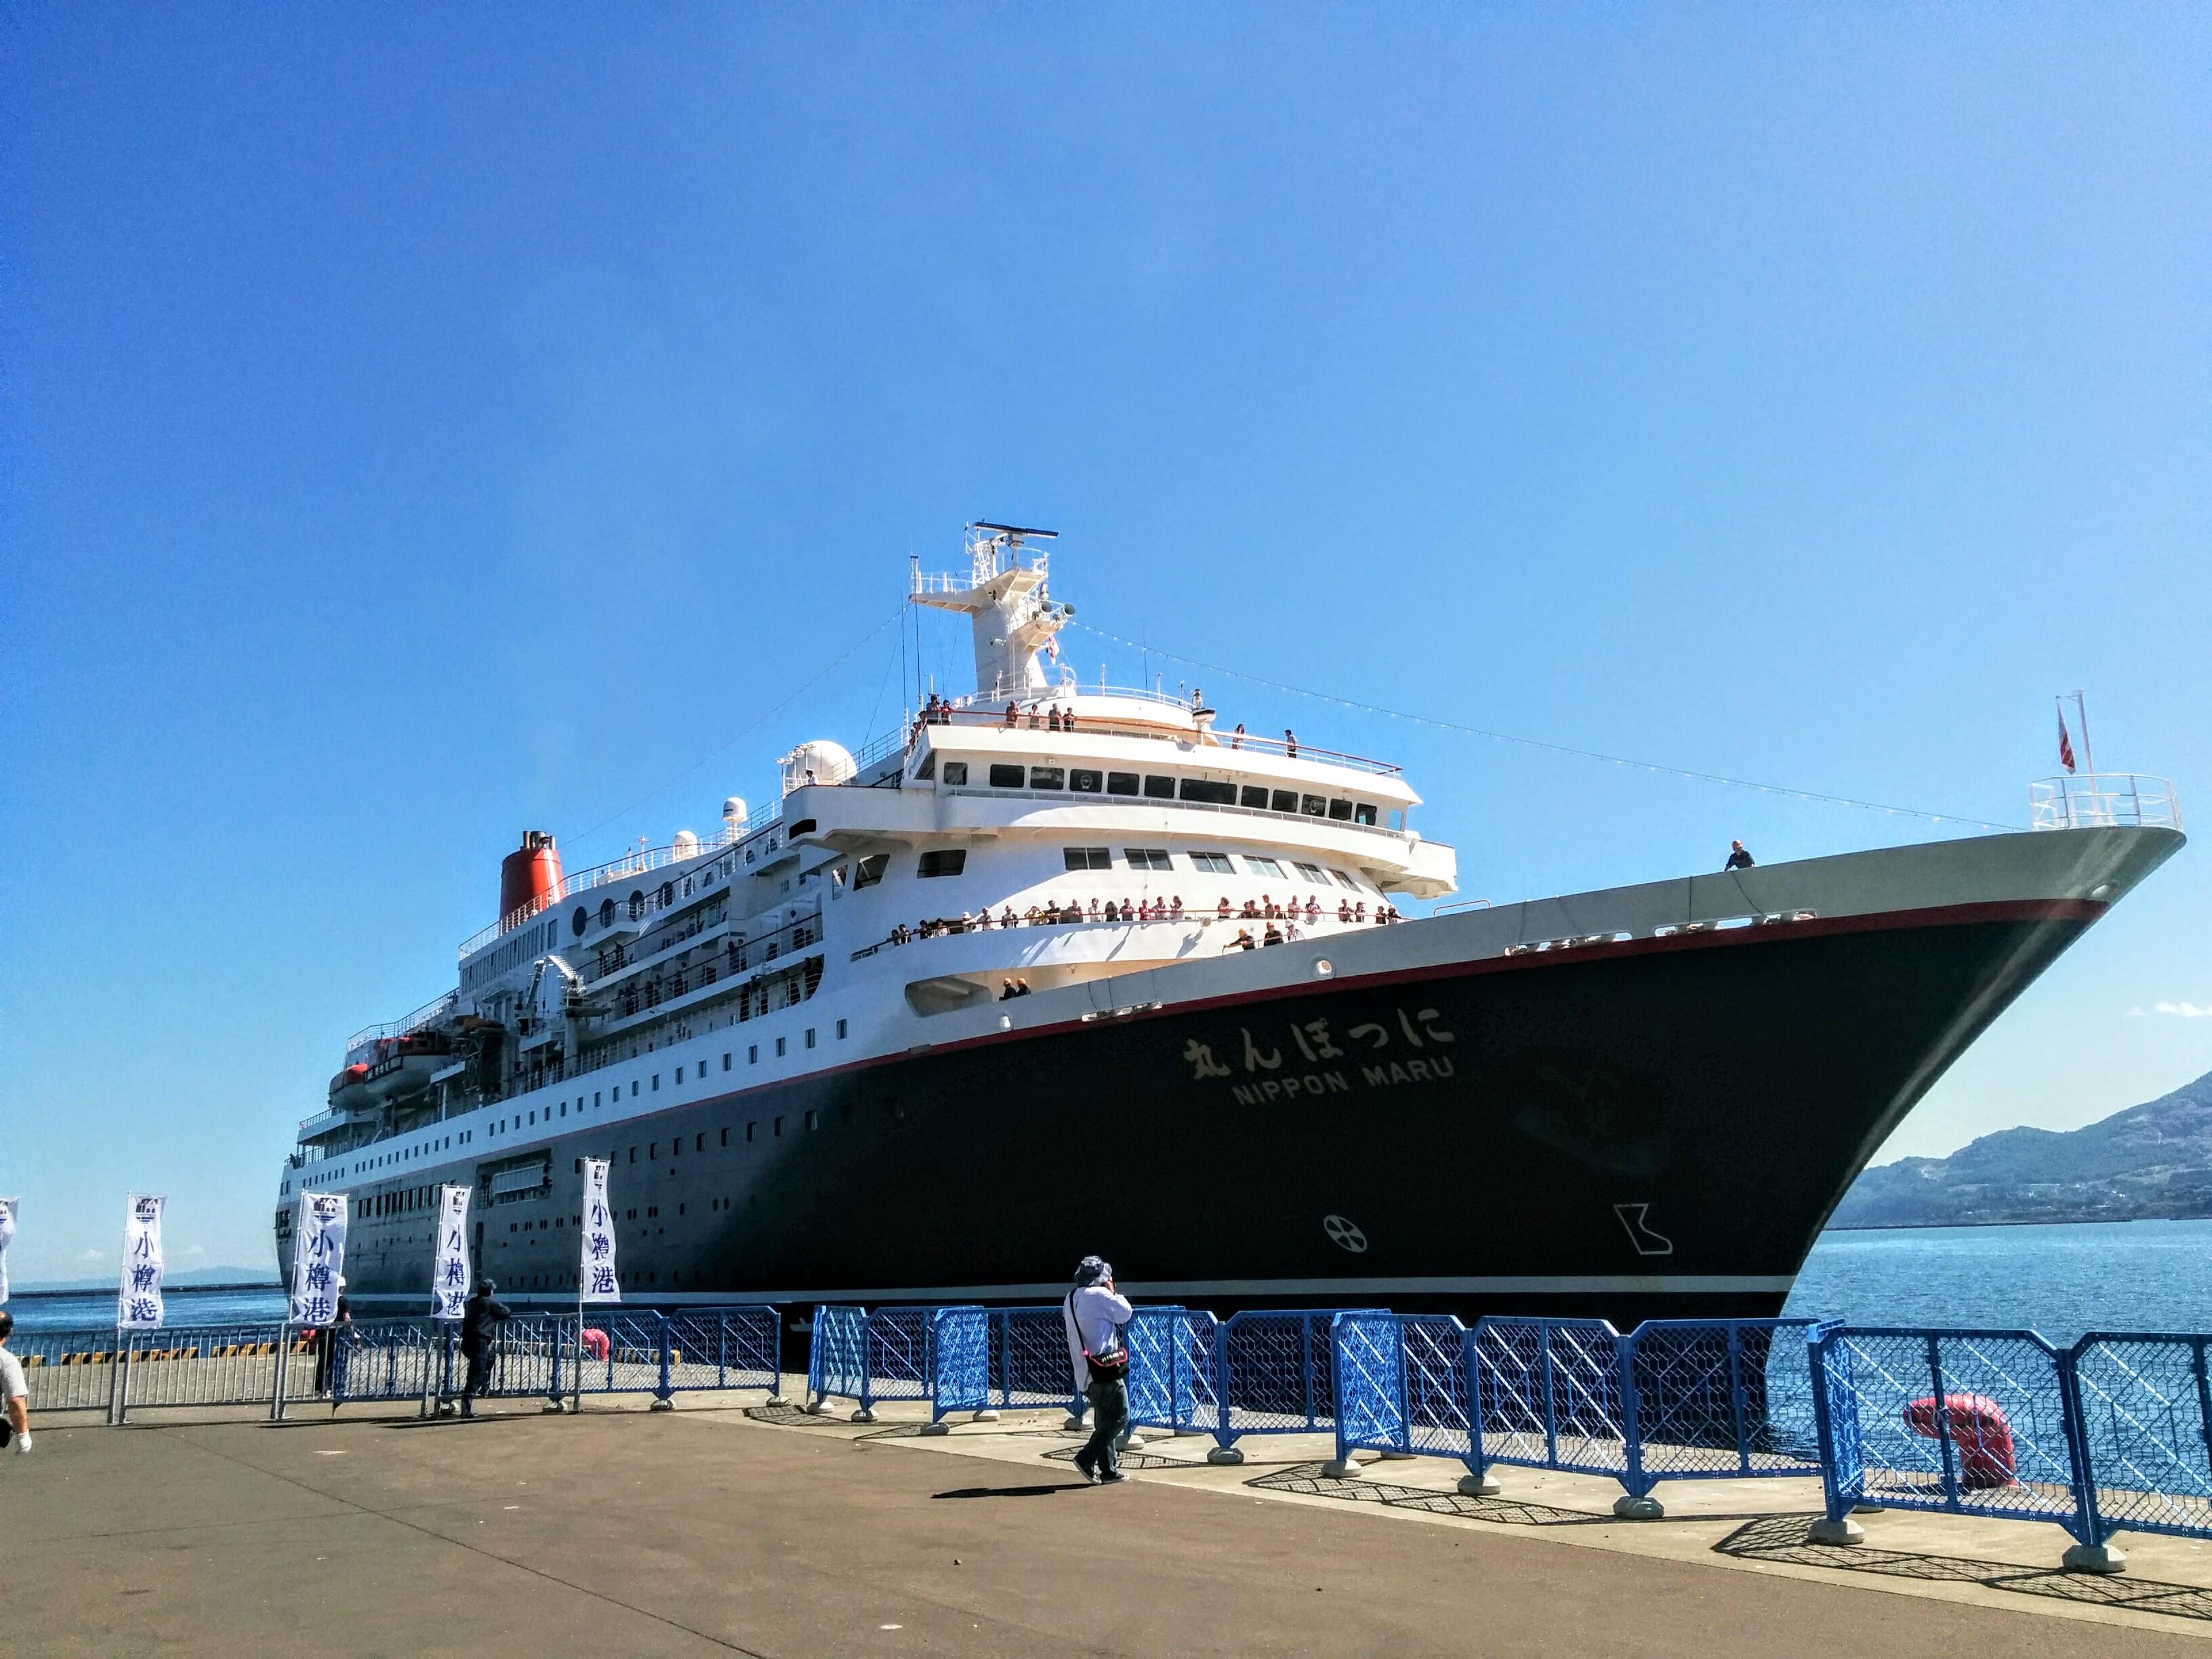 【小樽】観光クルーズ船・にっぽん丸小樽港第三埠頭入港しました。